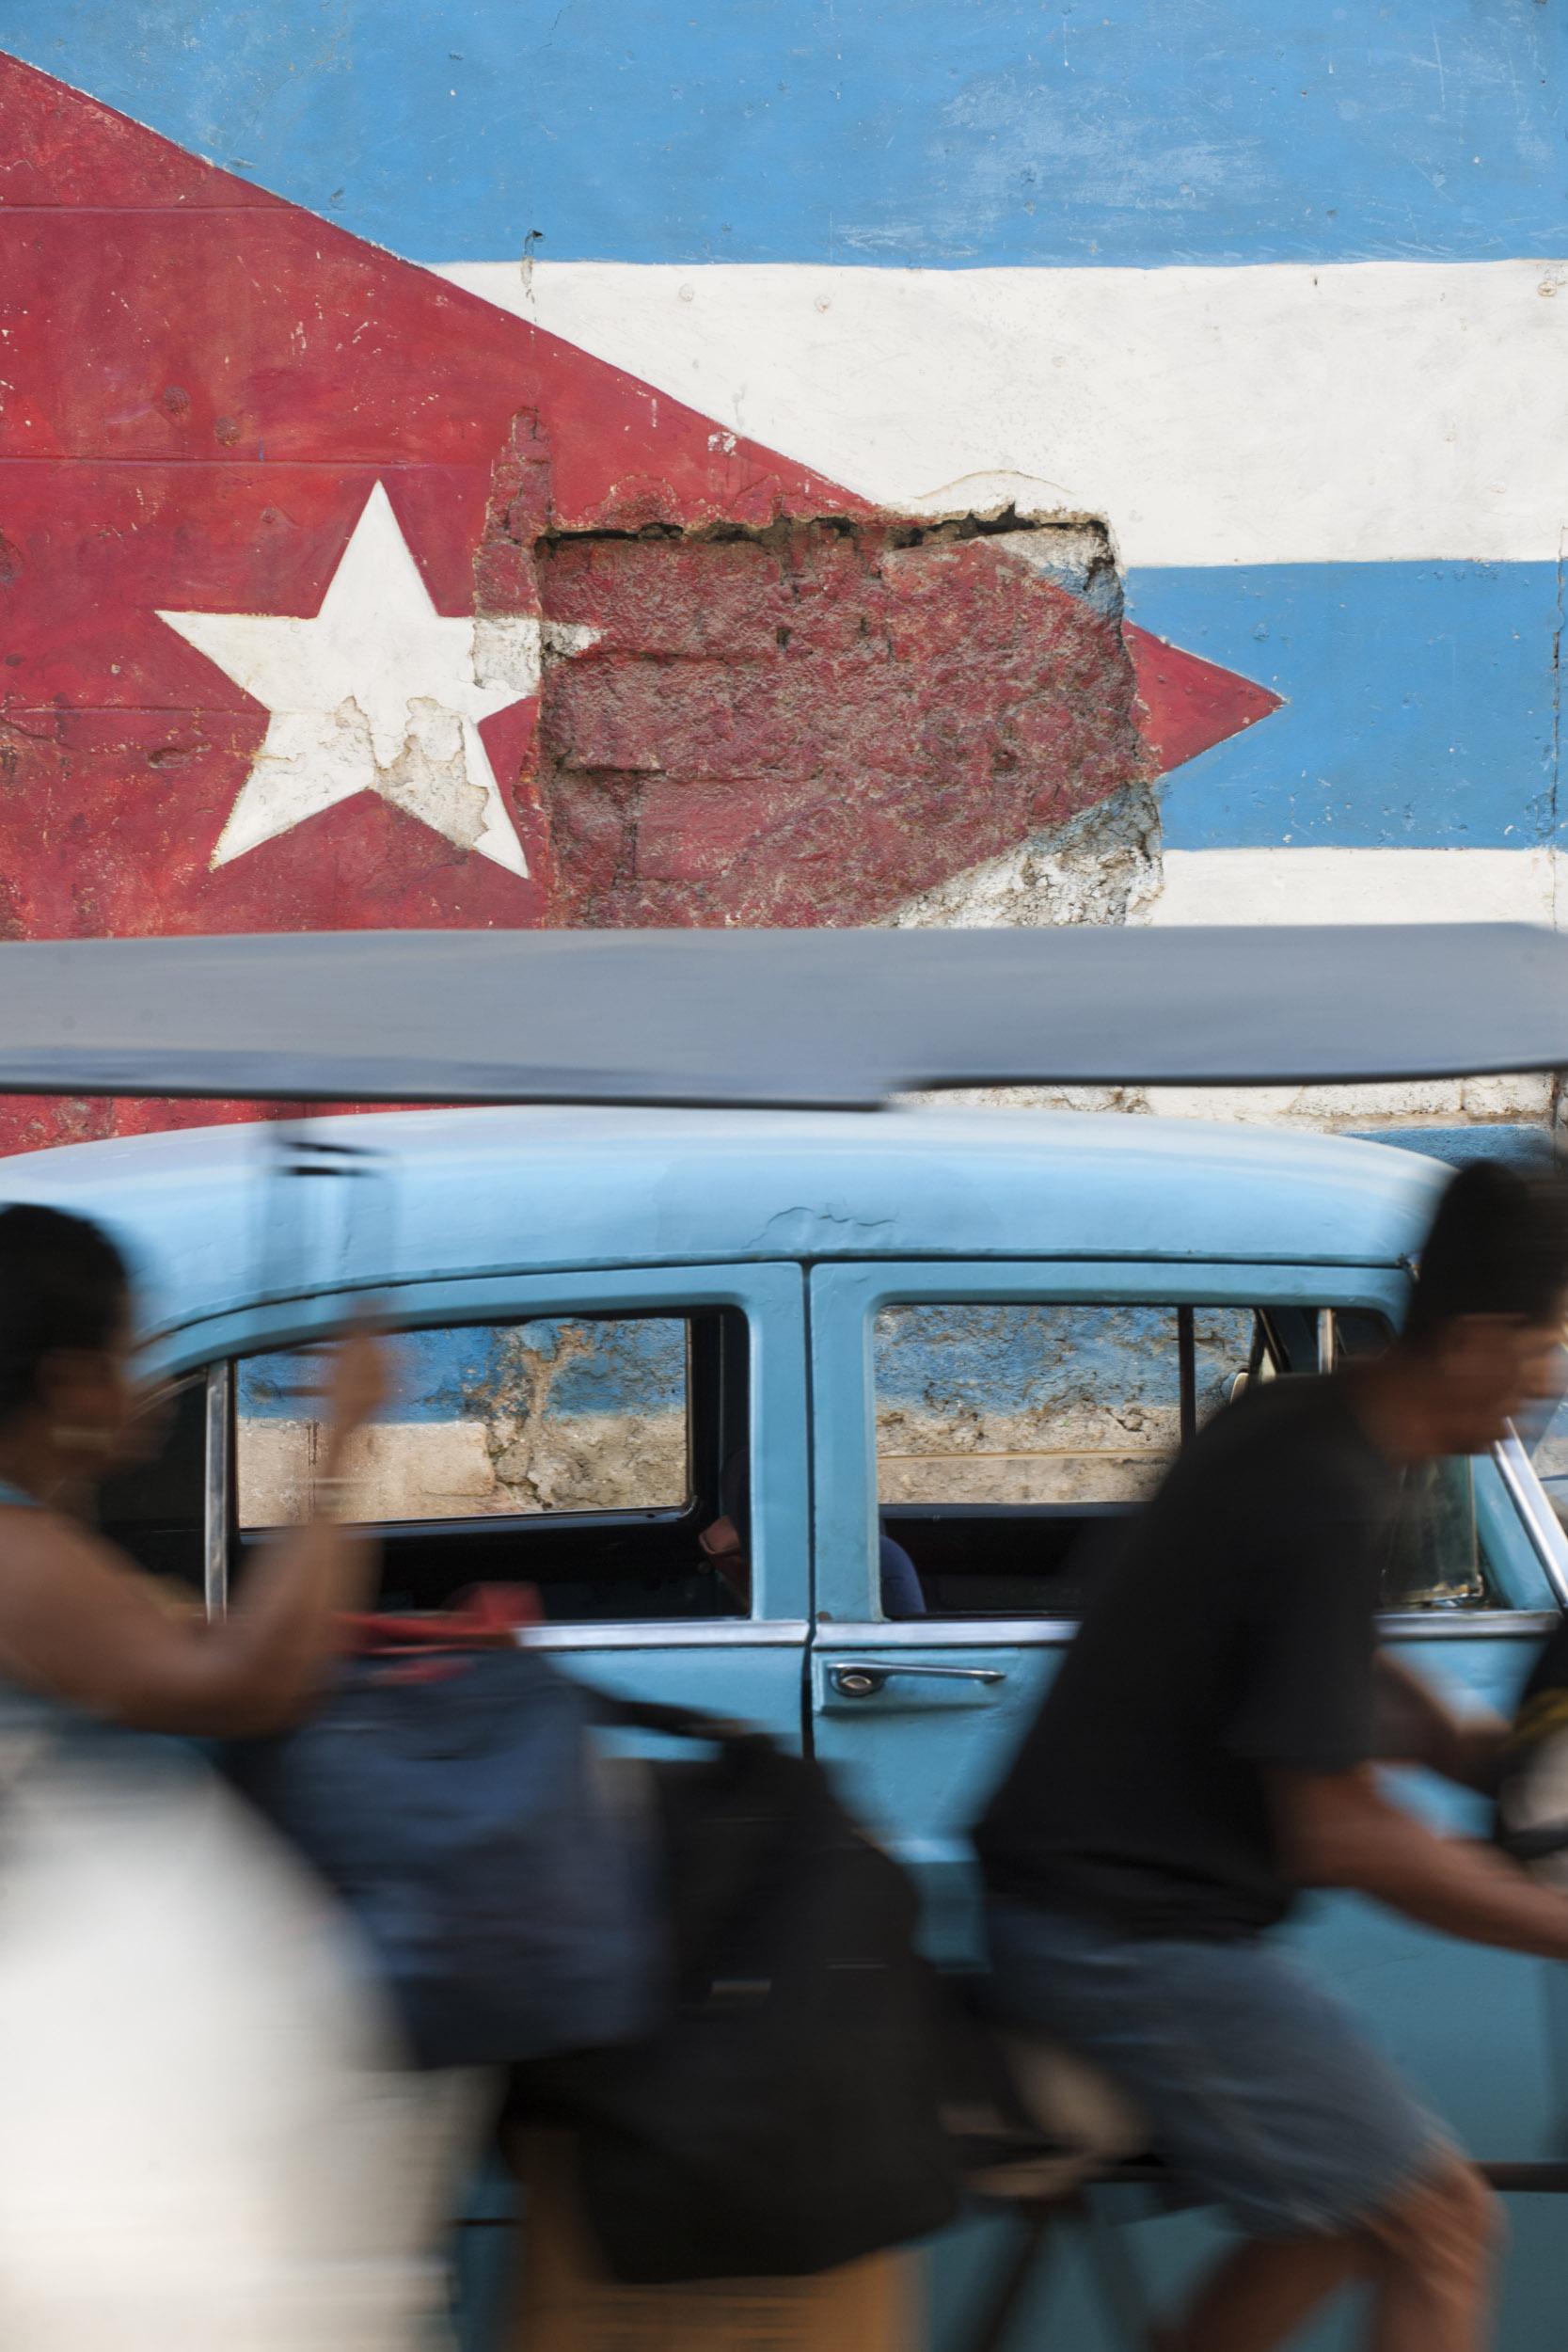 Bandera 04 - Cuba - Hector Garrido, Aerial and human photography